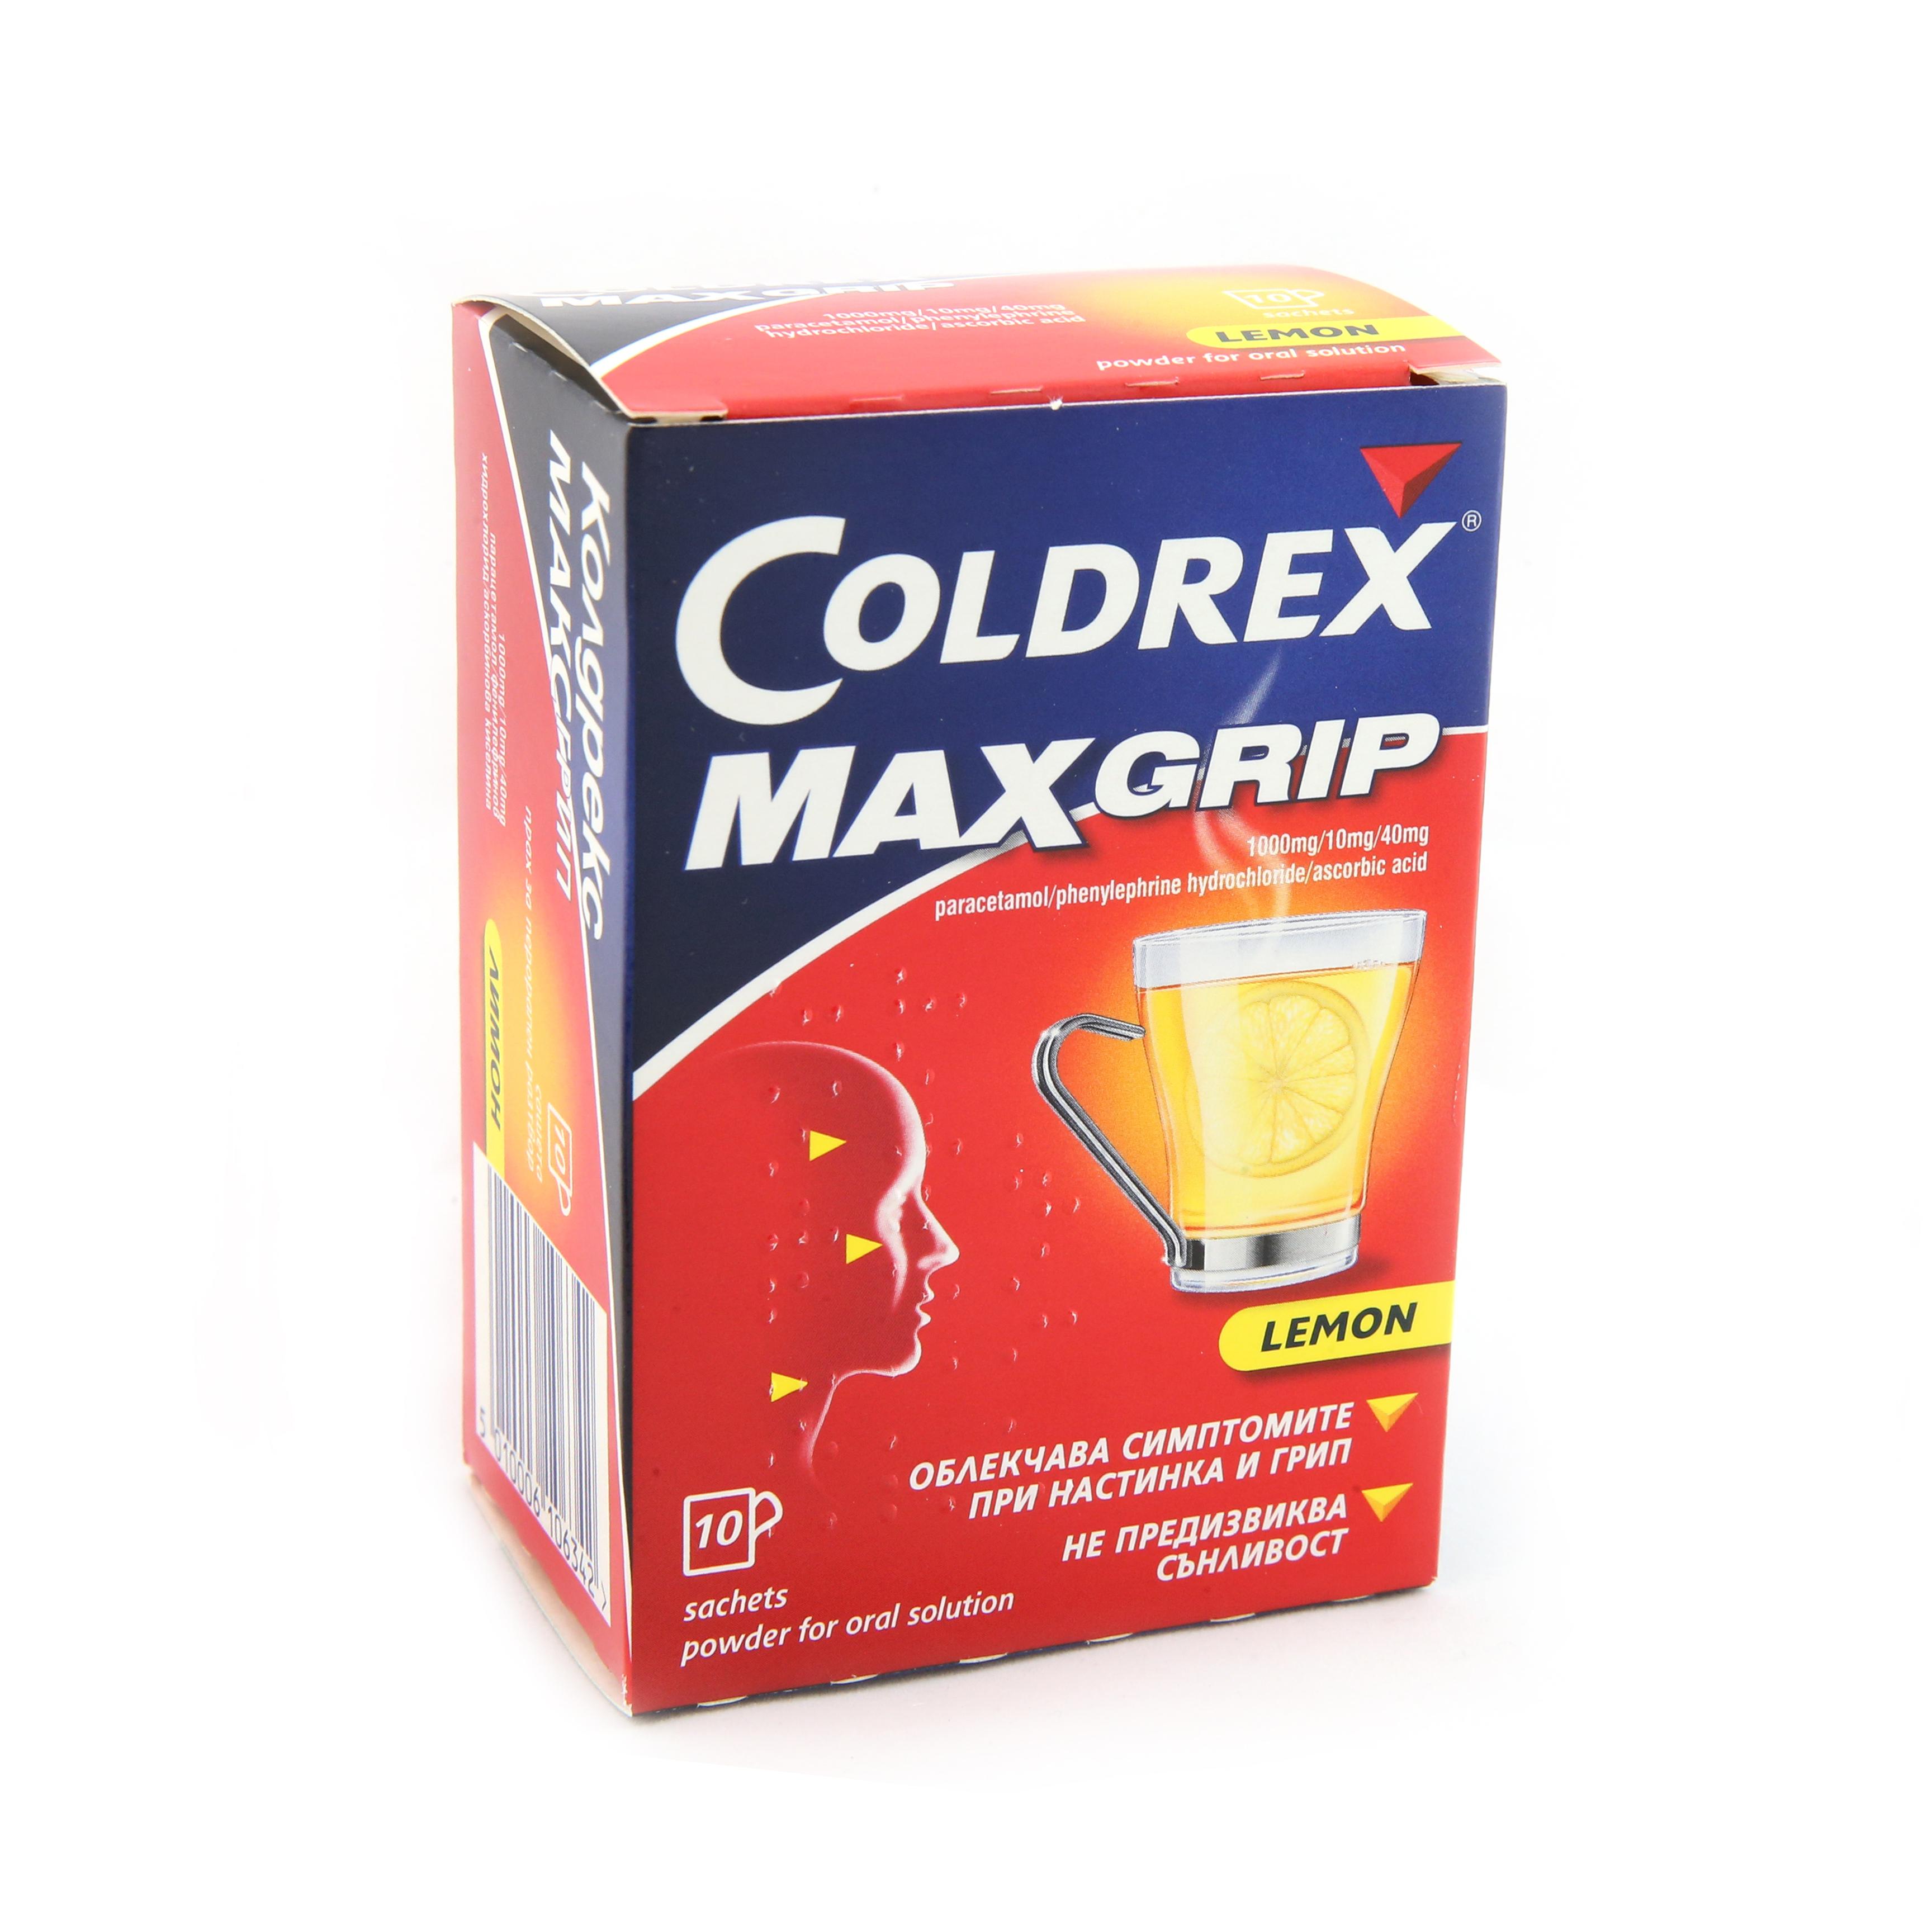 Какво представлява Колдрекс Макс Грип Лимон и за какво се използва?  КОЛДРЕКС МАКСГРИП ЛИМОН / COLDREX MAXGRIP LEMON на световноизвестната фармацевтична компания ГлаксоСмитКлайн е лекарствен продукт за възрастни под формата на сашета, които се използват за облекчаване на симптомите при простуда и грип. Колдрекс Максгрип Лимон съдържа три активни съставки: парацетамол, който облекчава болката и понижава високата температура; фенилефринов хидрохлорид, деконгестант, който отпушва носа и синусите, помагайки Ви да дишате по-леко; витамин С (аскорбинова киселина), който се прилага при грип и настинки поради повишените нужди на организма, особено в началния стадий на заболяването.  Преди да приемате Колдрекс Макс Грип Лимон   КОЛДРЕКС Макс Грип Лимон съдържа парацетамол и деконгестант. Да не се приема с други парацетамол - съдържащи лекарства или лекарства за настинка и грип. Не приемайте КОЛДРЕКС Макс Грип Лимон, ако: сте алергични (свръхчувствителни) към парацетамол, фенилефринов хидрохлорид, витамин С или някое от помощните вещества; сте на лечение с антидепресанти, като инхибитори на моноаминооксидазата. Посъветвайте се с Вашия лекар, ако някое от гореизброените се отнася до Вас или: имате чернодробно или бъбречно заболяване; имате хипертония, сърдечно заболяване, съдово заболяване (болест на Рейно), което се появява като болка в пръстите; сте диабетик. Всяко саше съдържа 3,725 g захар; страдате от повишена функция на щитовидната жлеза; имате глаукома; имате проблеми с простатата и/или трудно уриниране; приемате други лекарства (виж по-надолу); страдате от вродена непоносимост към фруктоза, глюкозен/галактозен синдром на малабсорбция или захарно/изомалтозен дефицит. Консултирайте се с Вашия лекар или фармацевт преди да вземете Колдрекс Макс Грип Лимон ако приемате: други лекарства, съдържащи парацетамол; други лекарства, съдържащи деконгестант или за настинка; варфарин или лекарства, използване за разреждане на кръвта; бета-блокери, използвани за сърдечни заболявания и